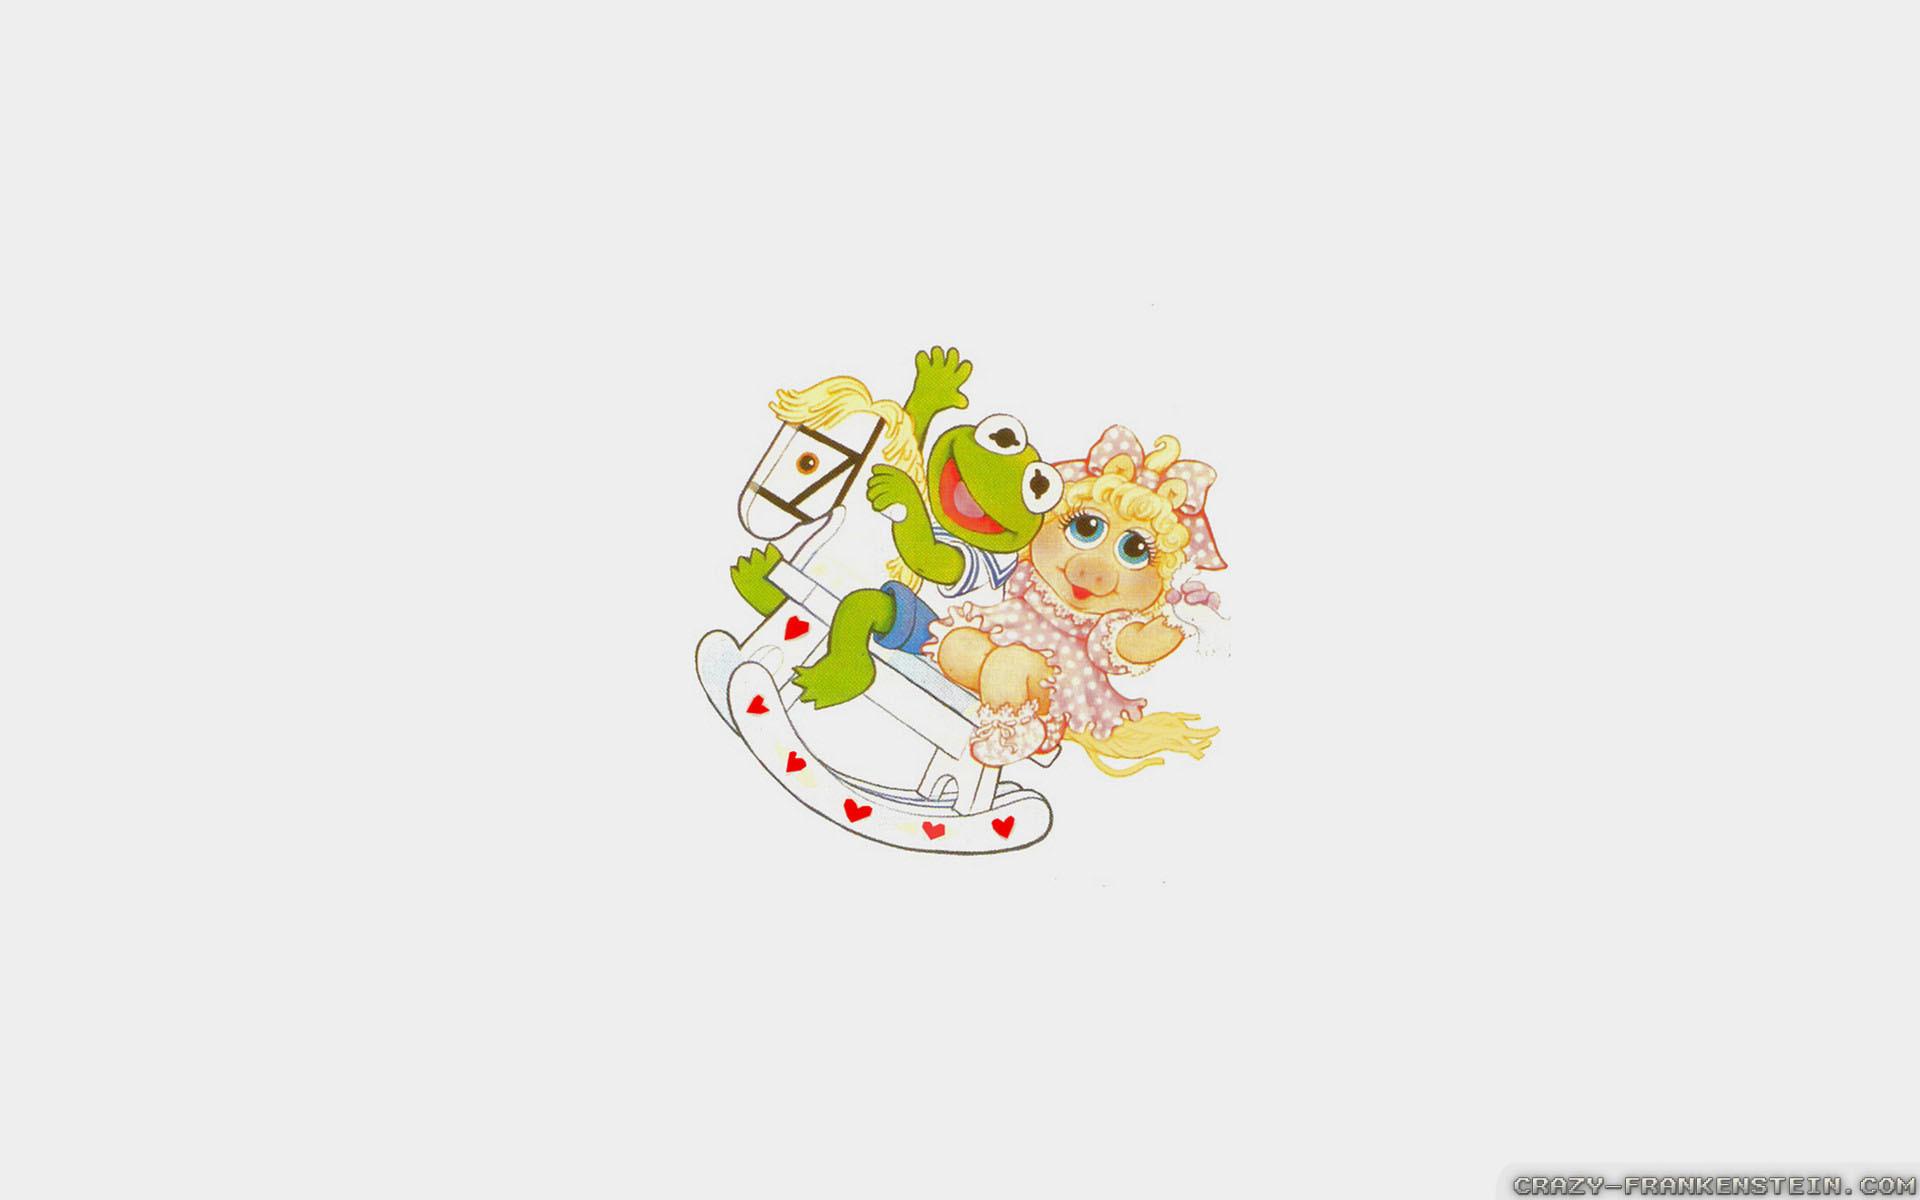 Res: 1920x1200, Wallpaper: Kermit miss piggy muppet babies. Resolution: 1024x768 |  1280x1024 | 1600x1200. Widescreen Res: 1440x900 | 1680x1050 |